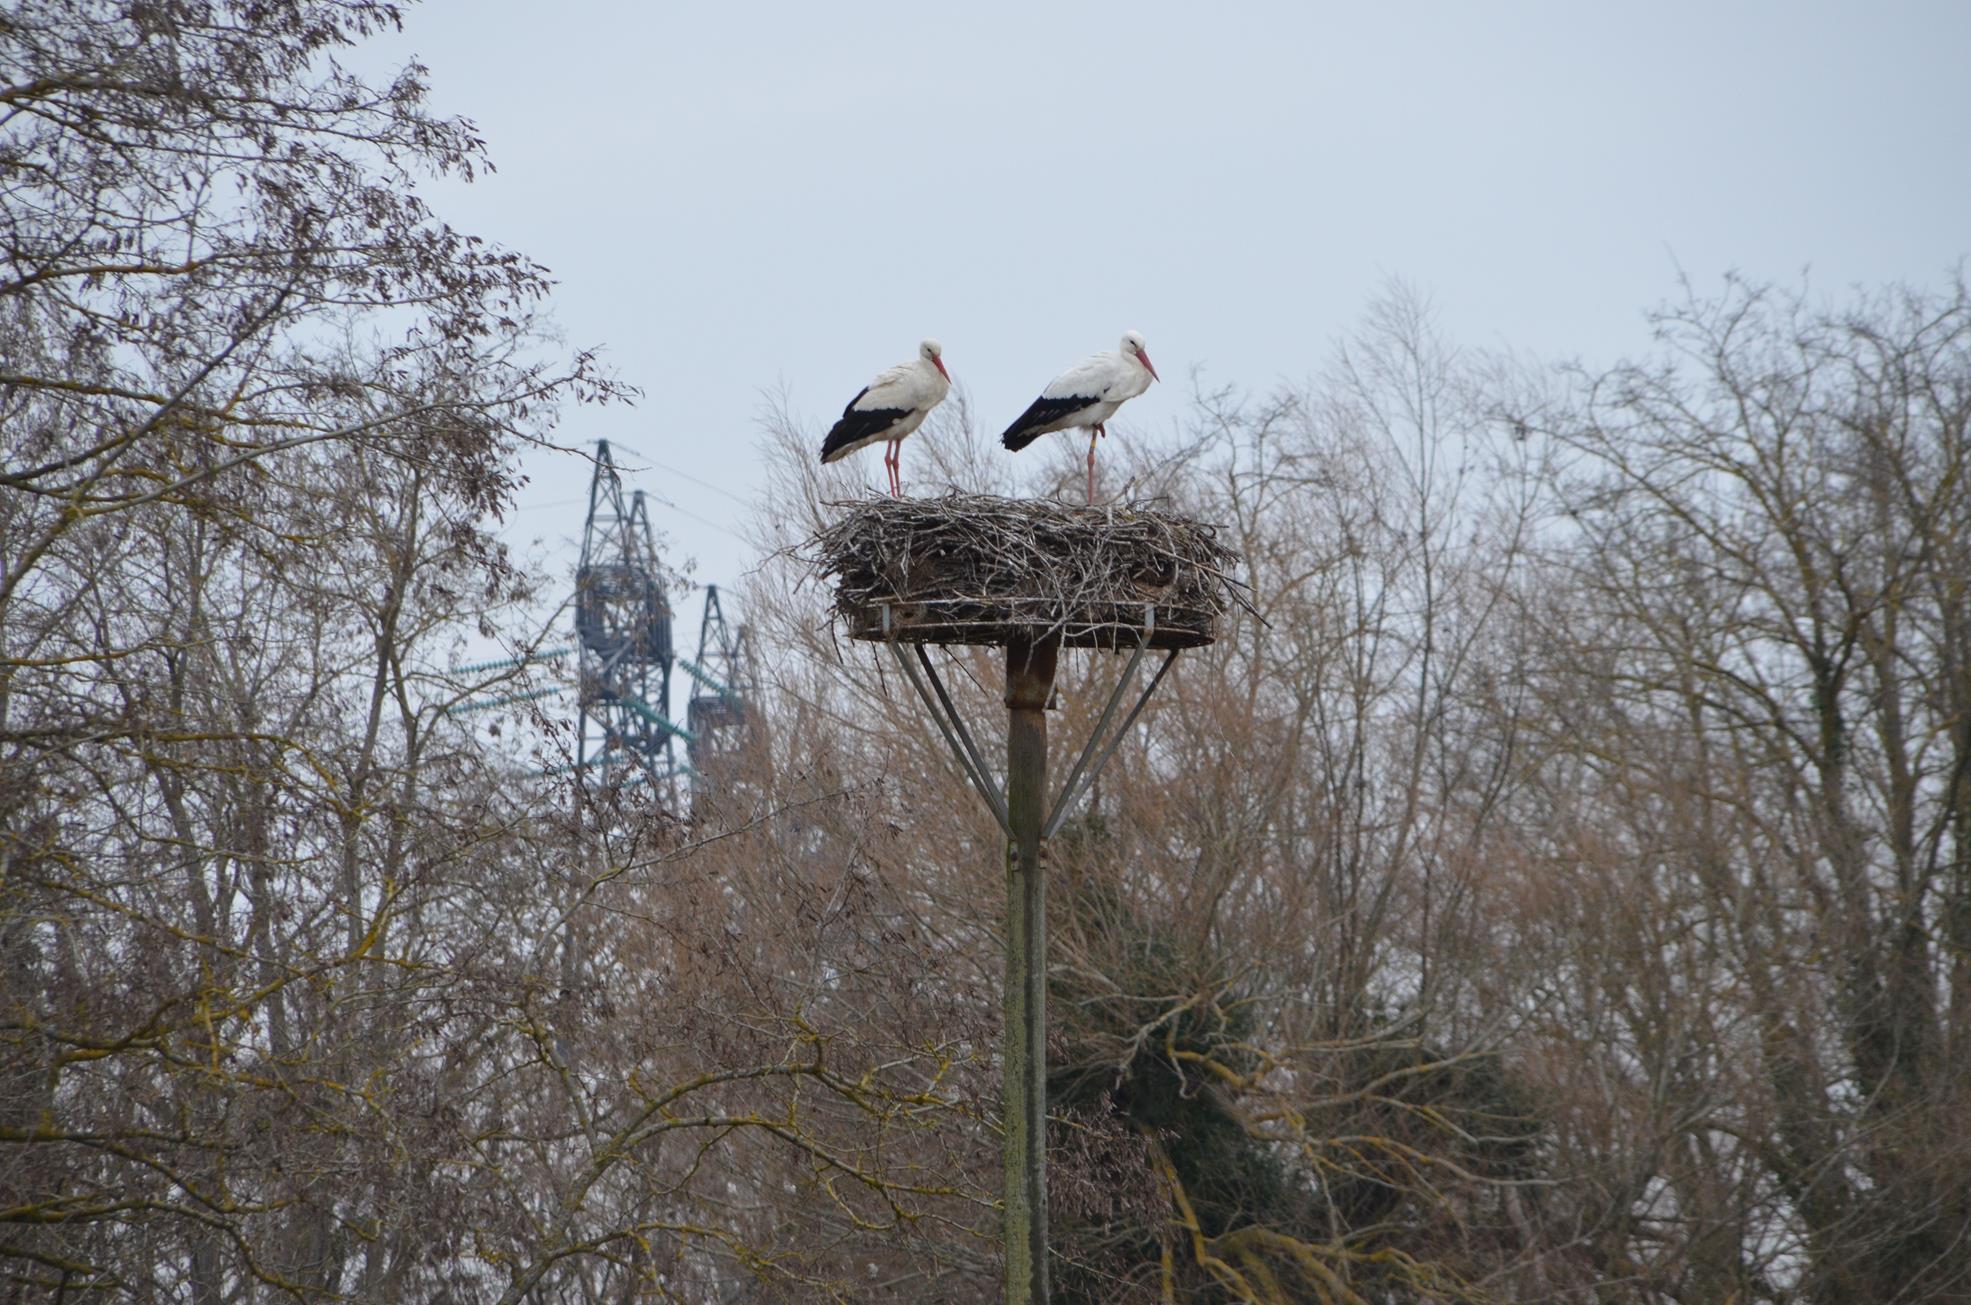 Les cigognes sont de retour la r serve ornithologique de for Site edf ejp observatoire